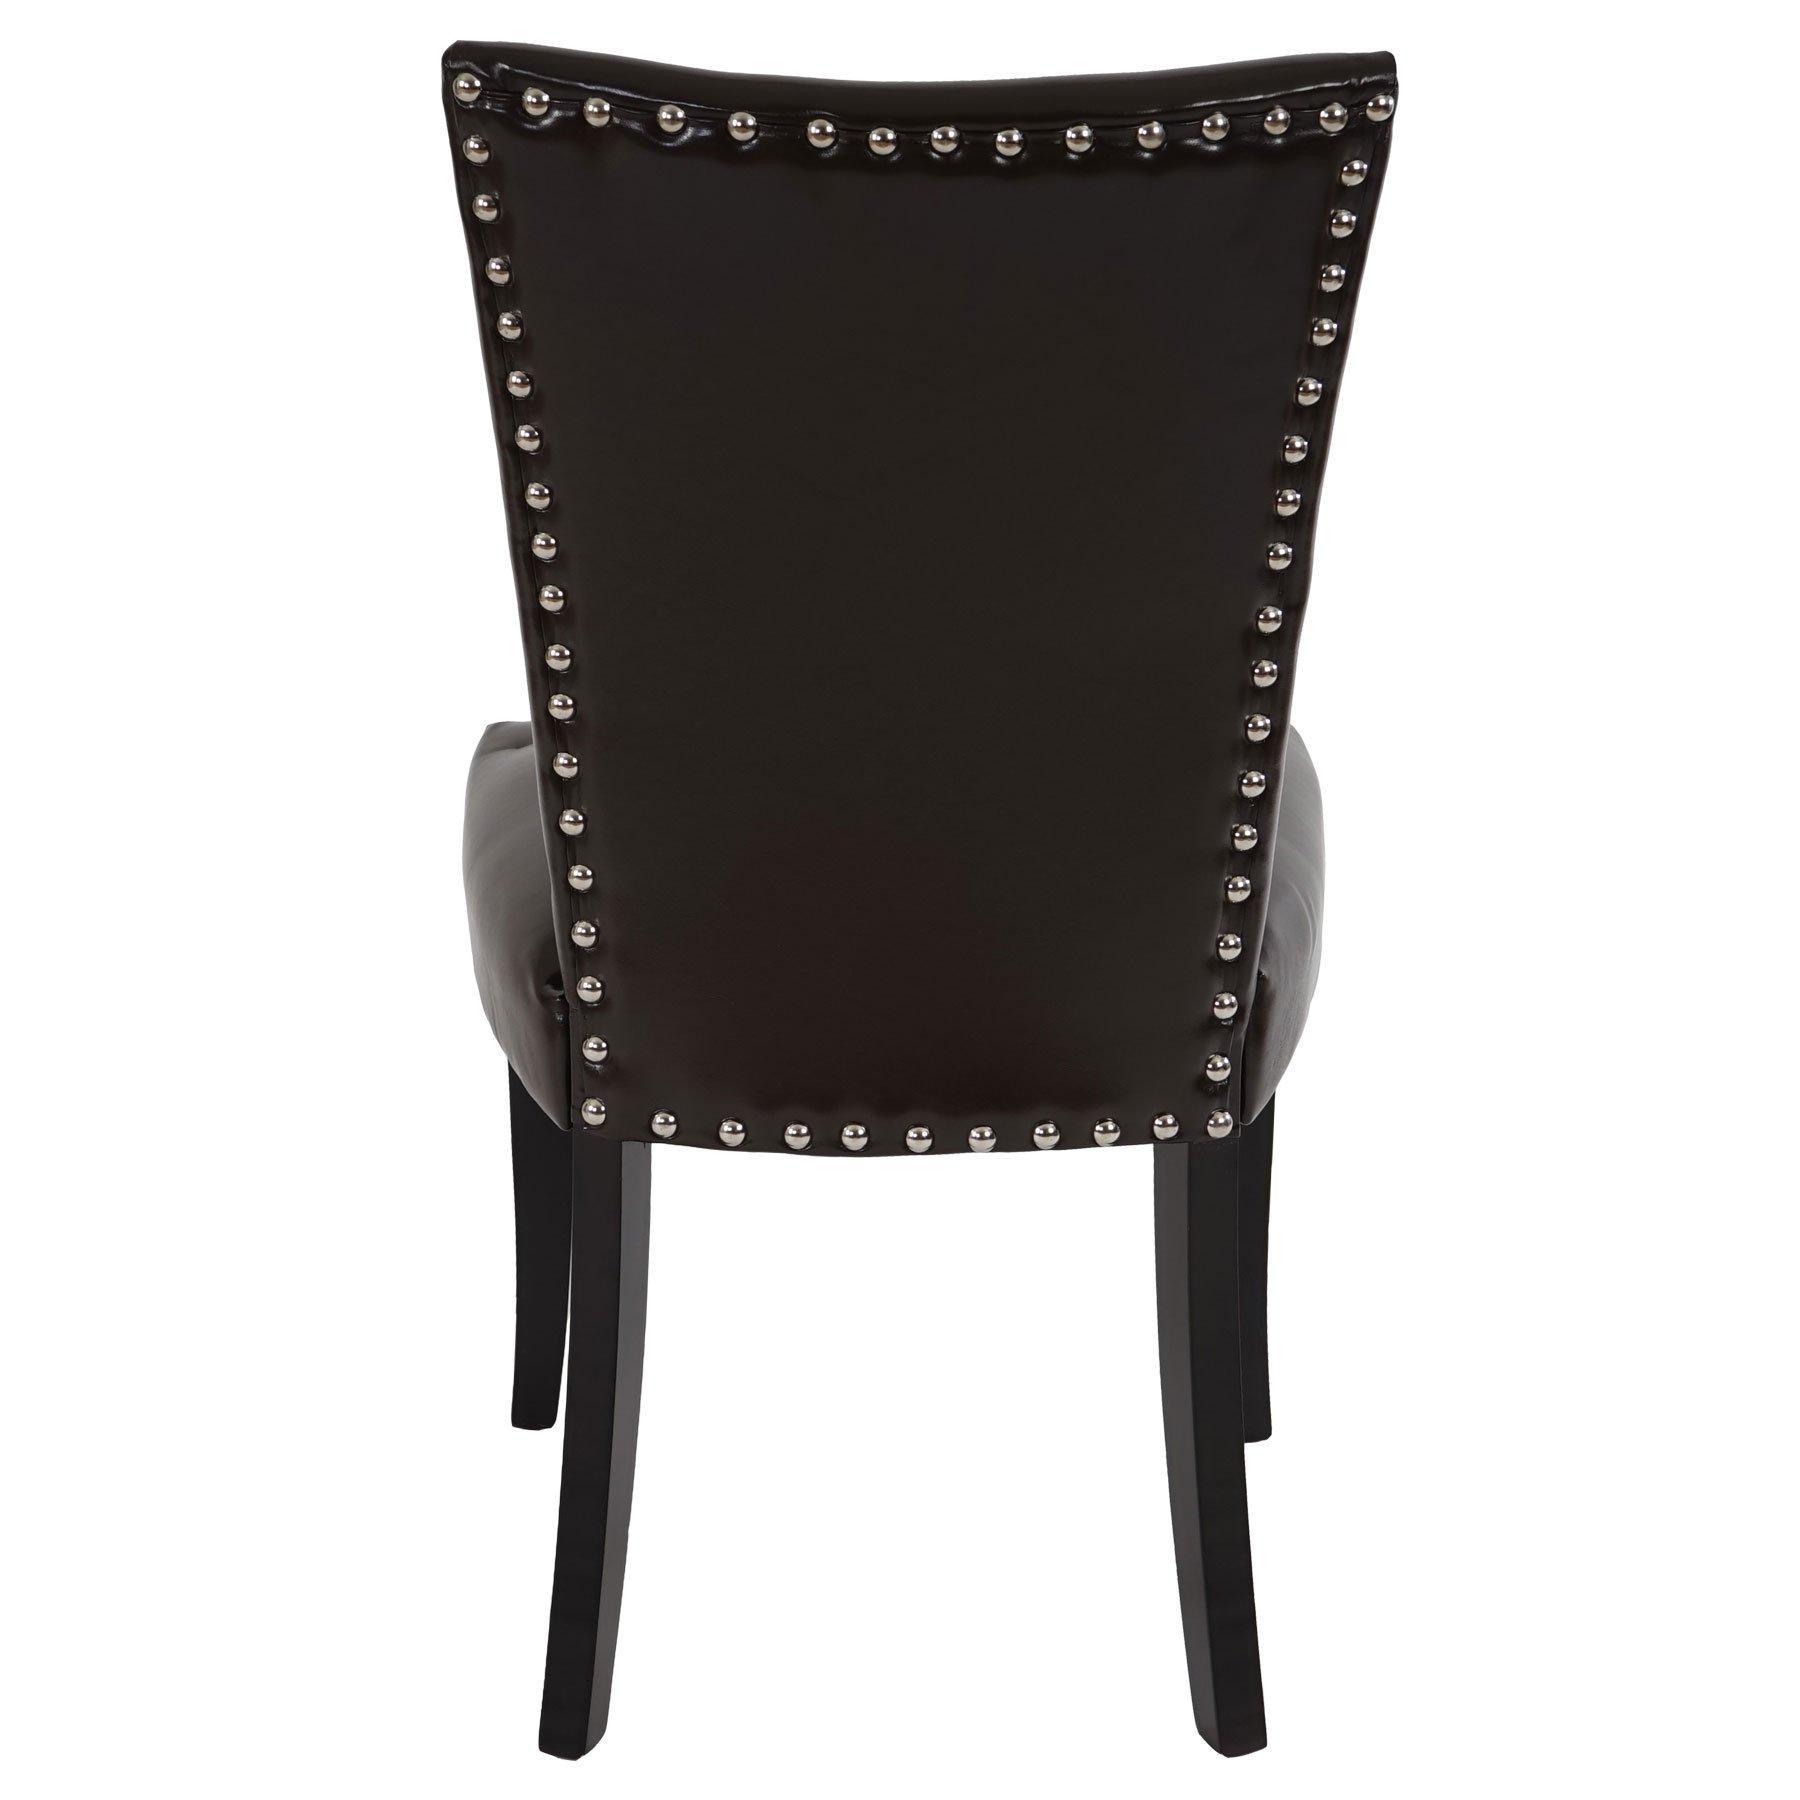 demo lote de sillas de comedor augusto piel marrn y patas oscuras diseo retro con remaches